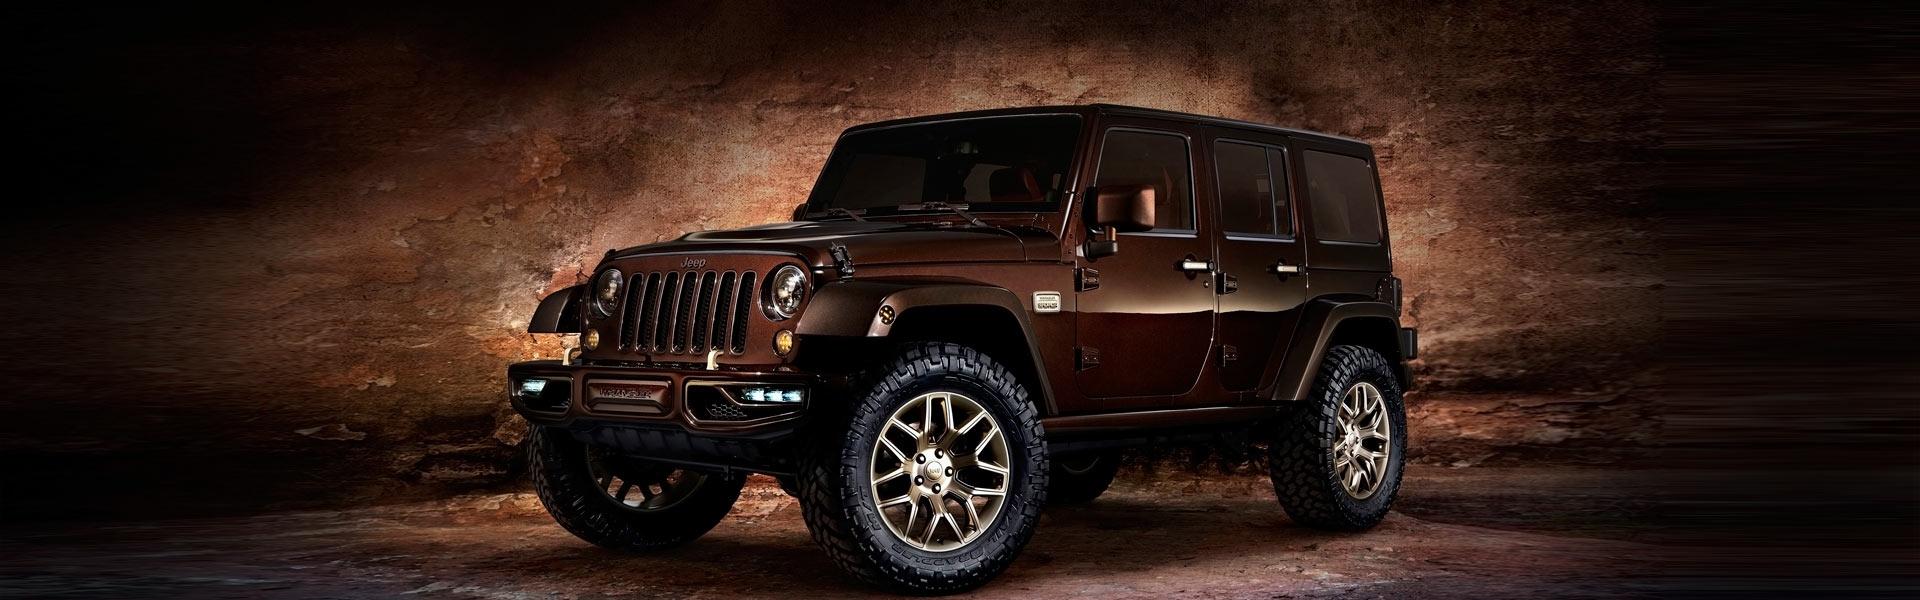 Установка предпускового подогревателя Jeep